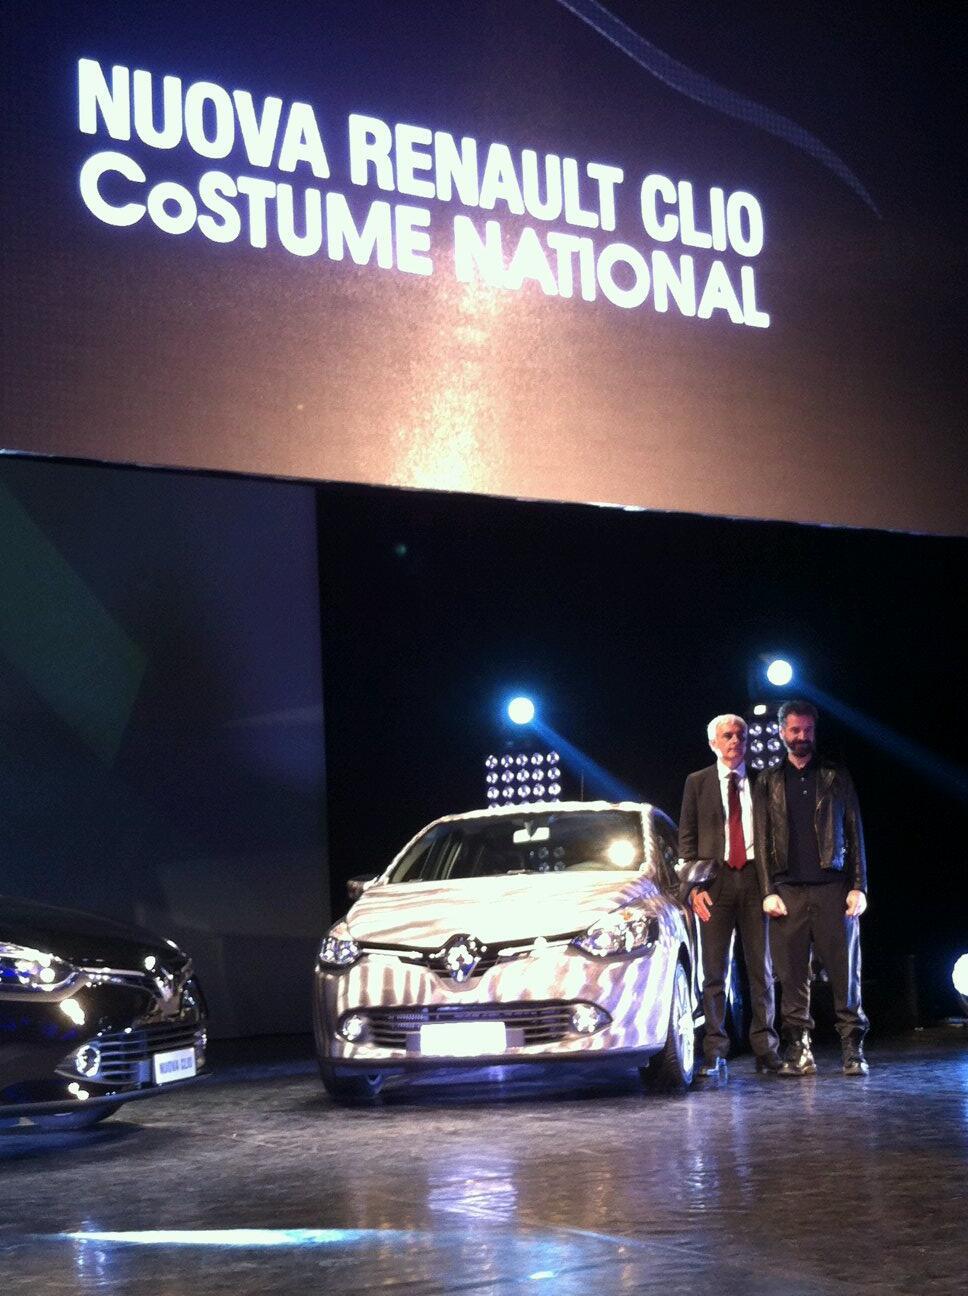 RT @renaultitalia: Ennio Capasa di @costumenational ha reinterpretato Clio come una vera innovative fashion car. http://t.co/NVEhB4a3at